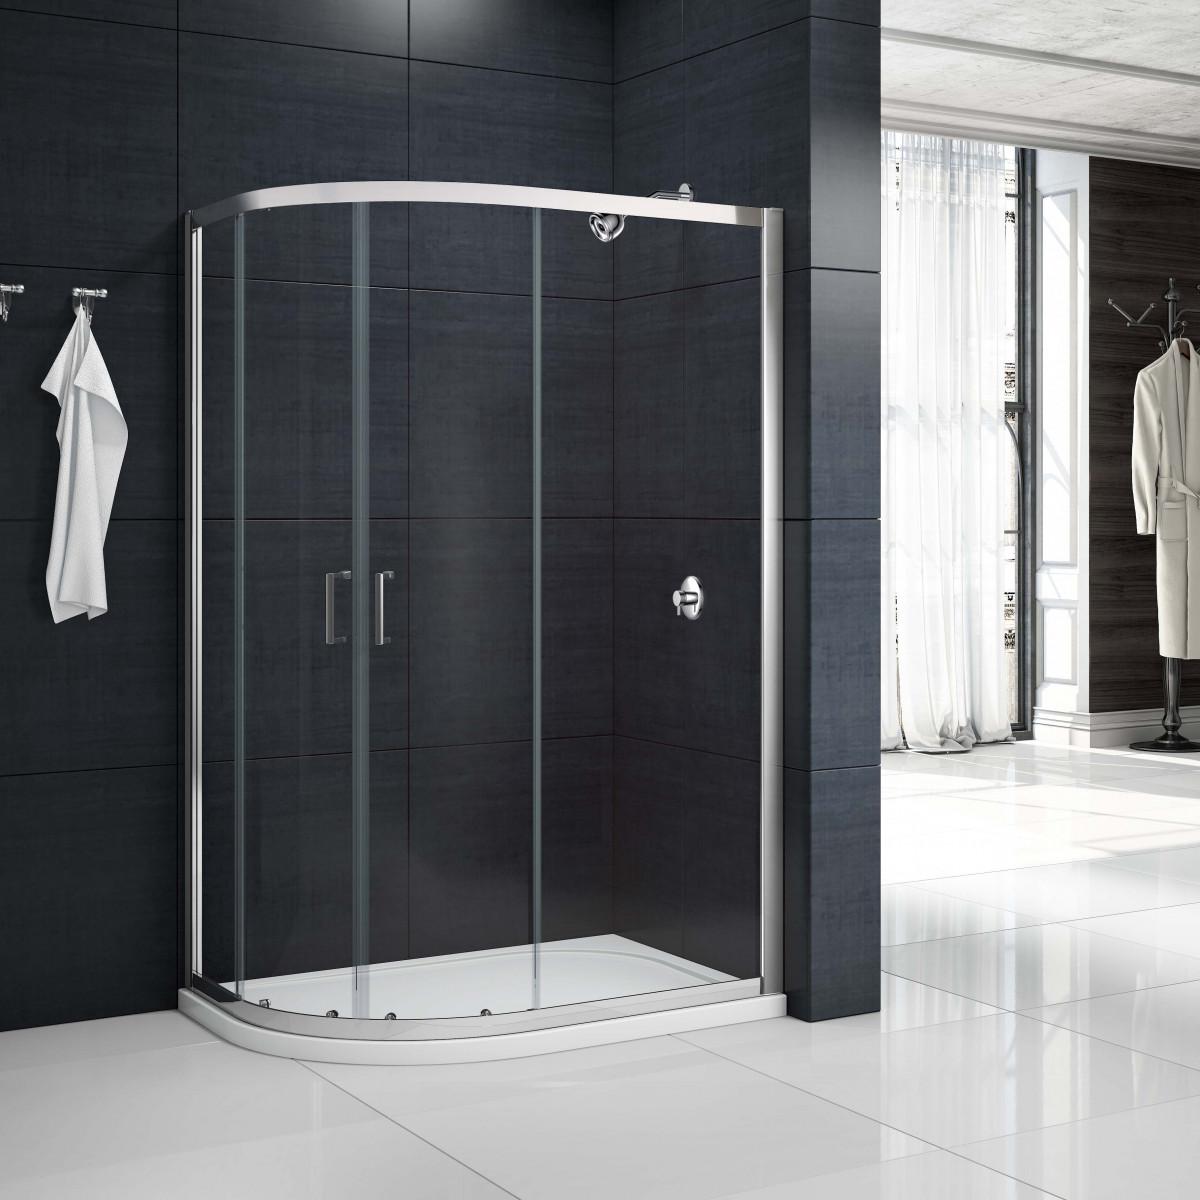 Merlyn 2 door offset quadrant shower enclosure 1200 x for 1200 shower door